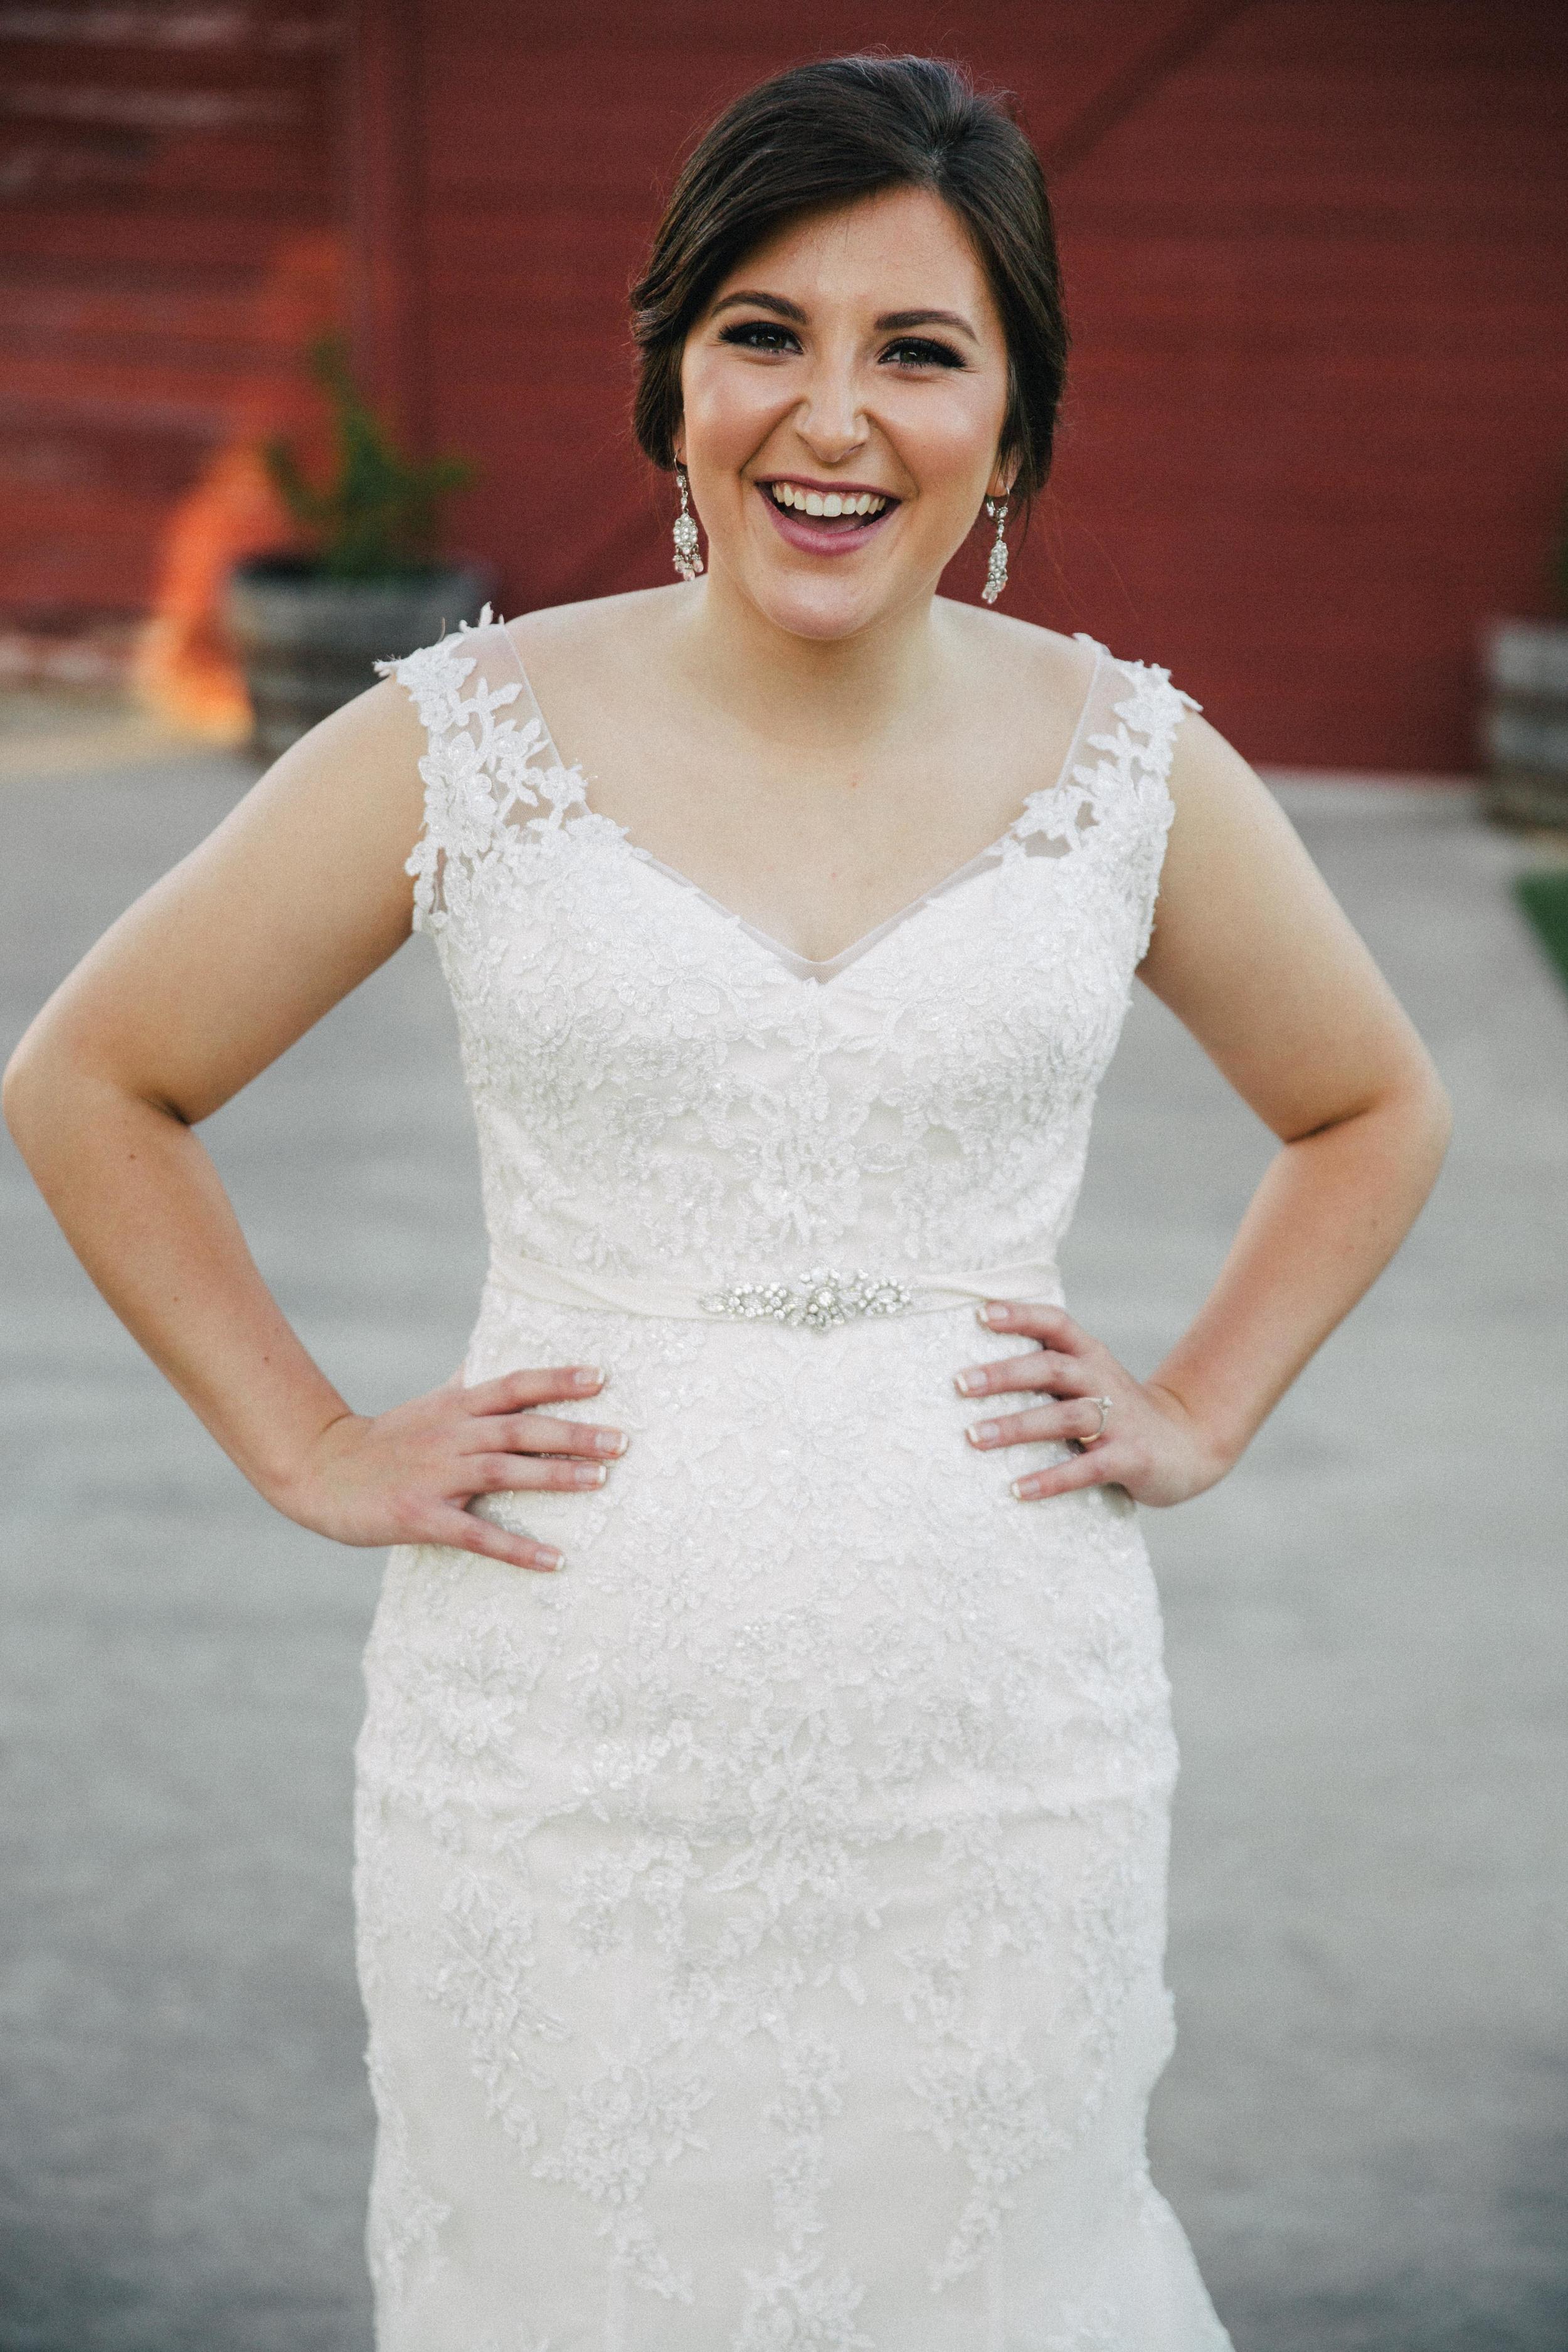 Laughing Bridal Portrait